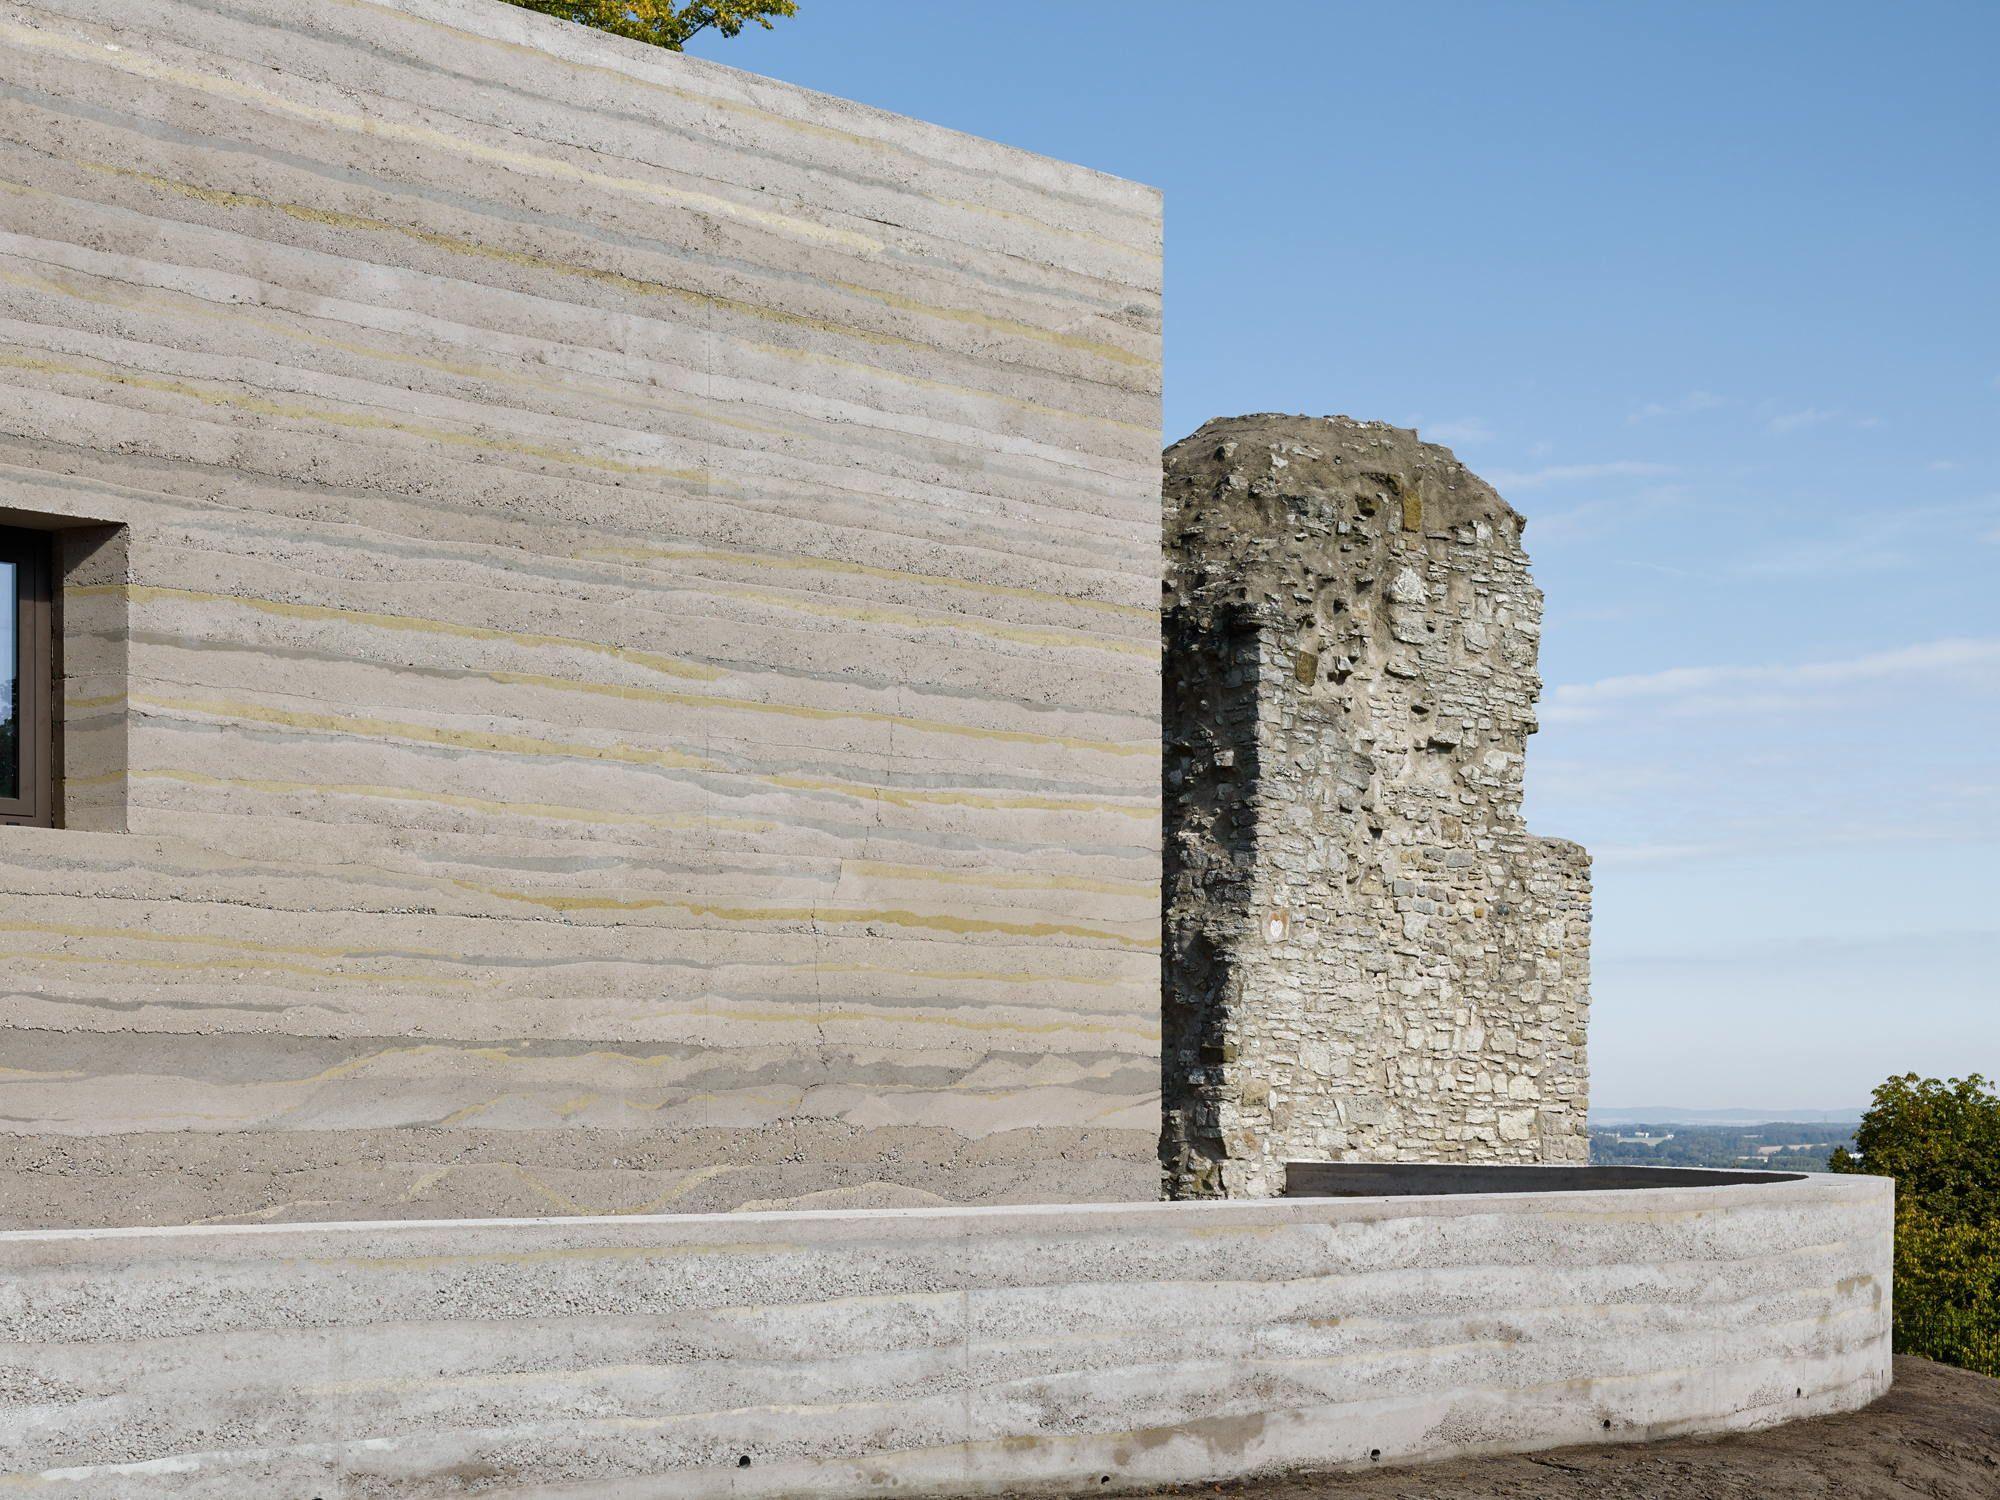 Poesie in Stampfbeton - Besucherzentrum in Bielefeld von ...